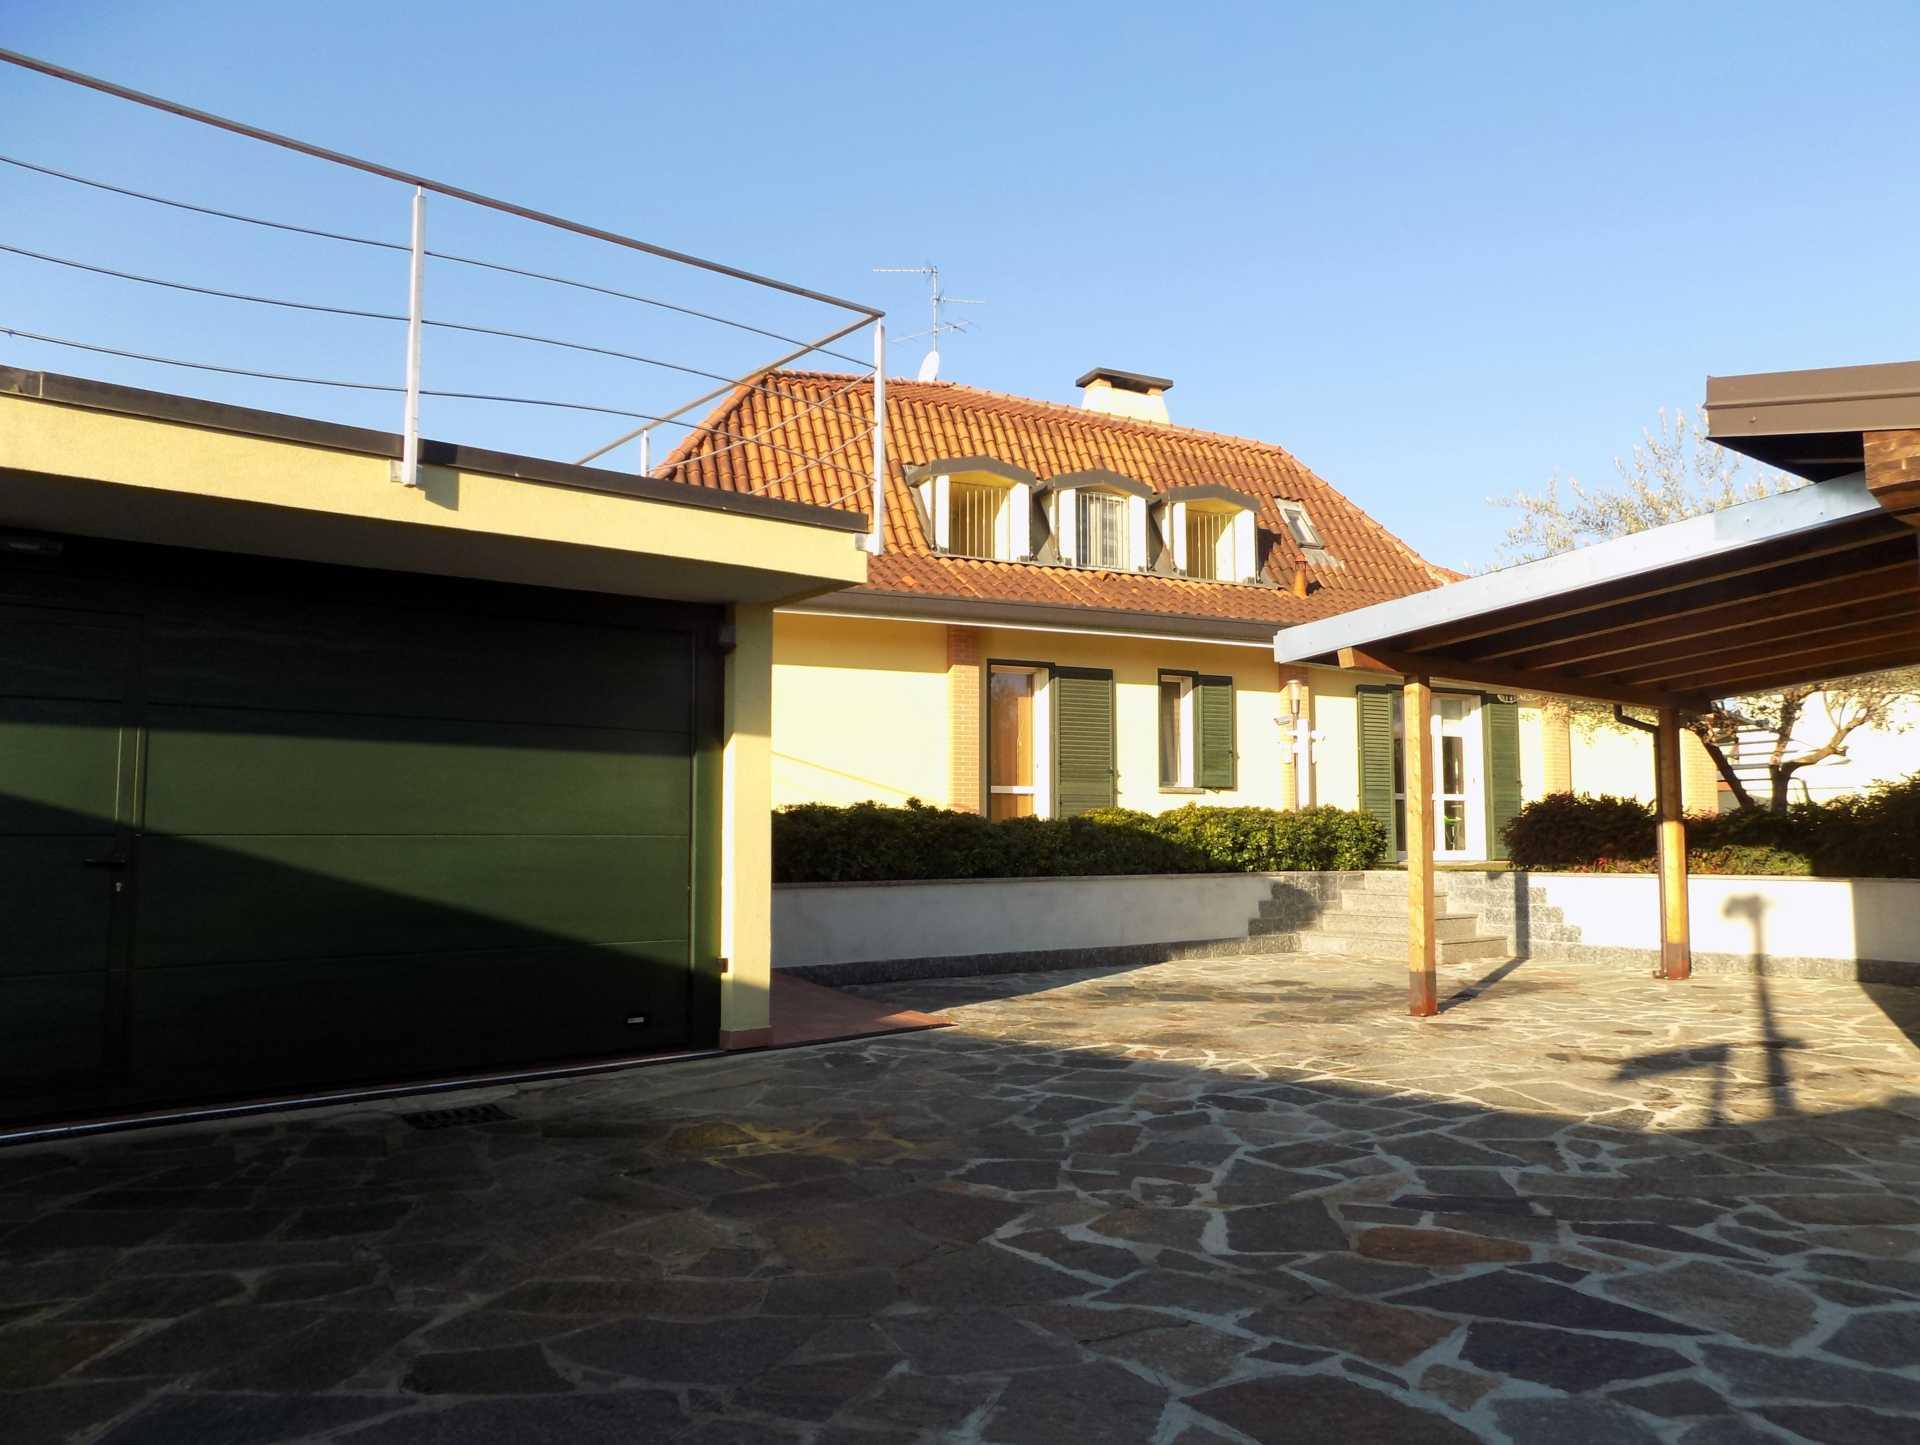 Cavenago di Brianza villa con piscina in vendita (2)